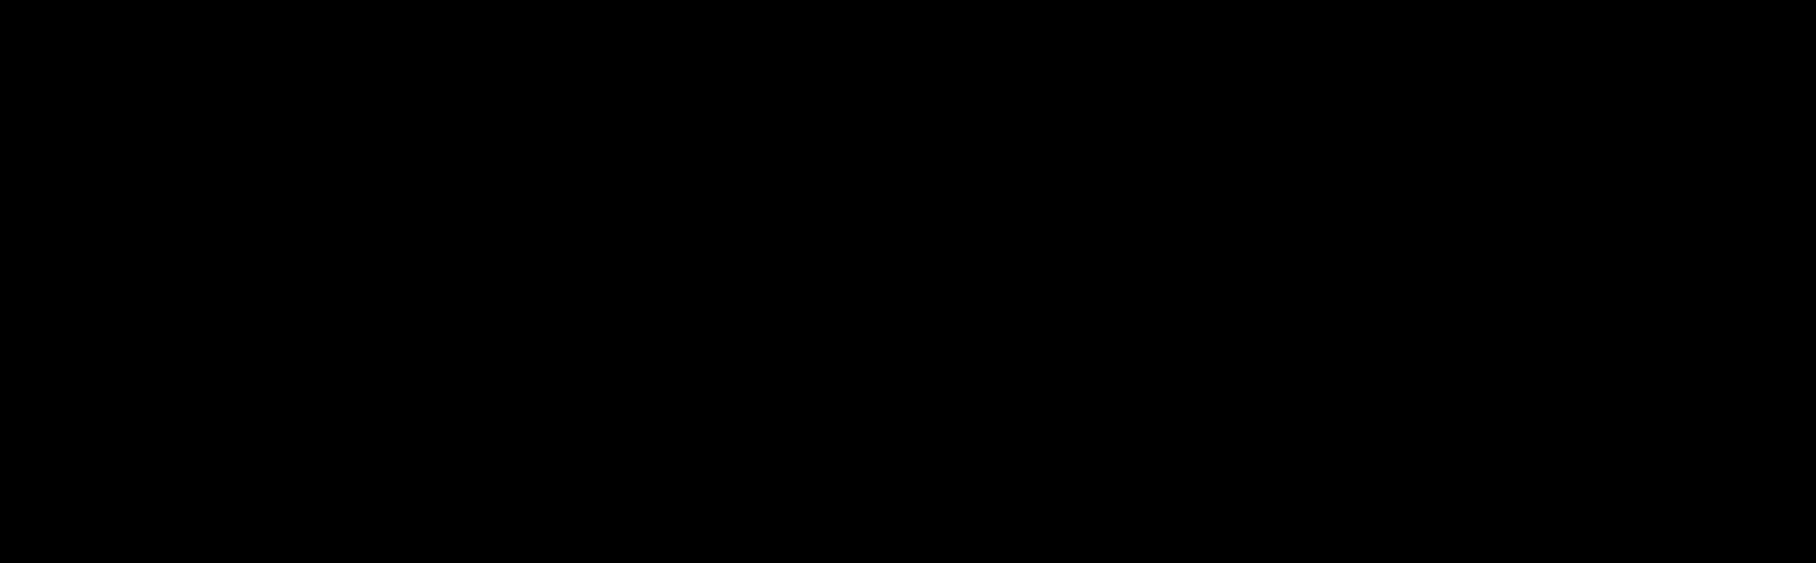 Théo de Ramecourt-Sportif de haut niveau